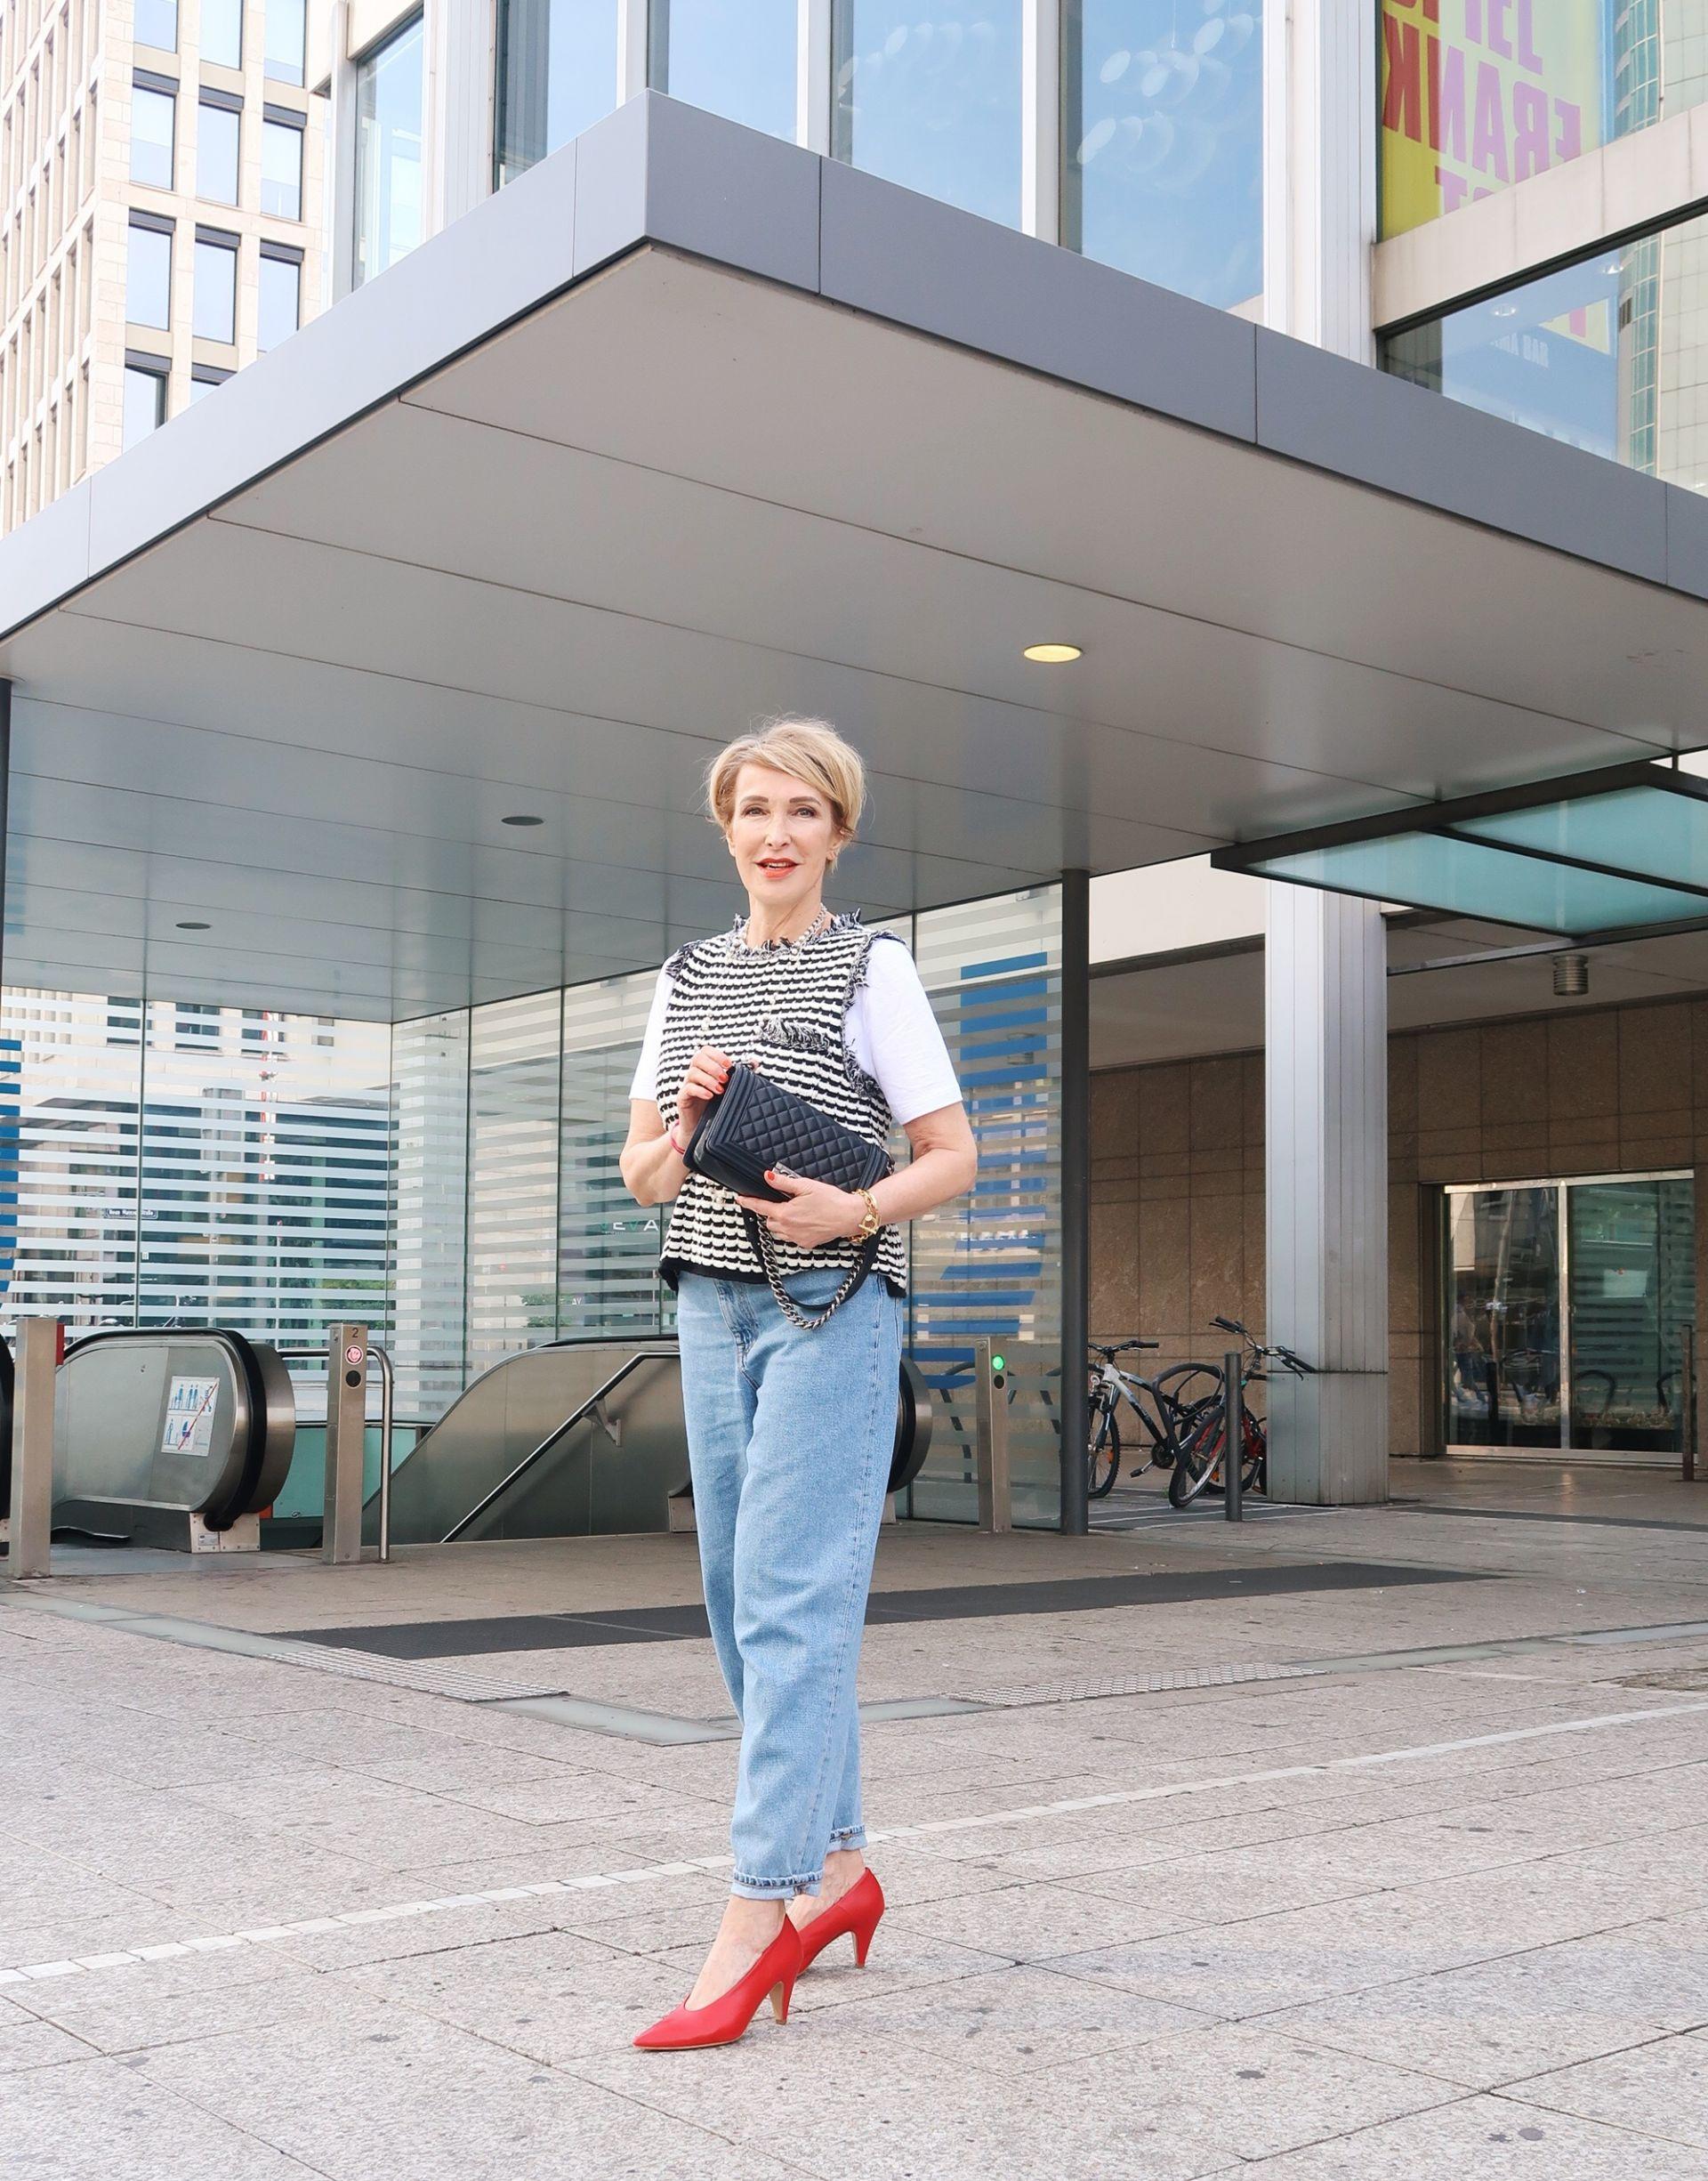 glamupyourlifestyle Pullunder Pullover ue-40-blog ue-50-blog Chanel